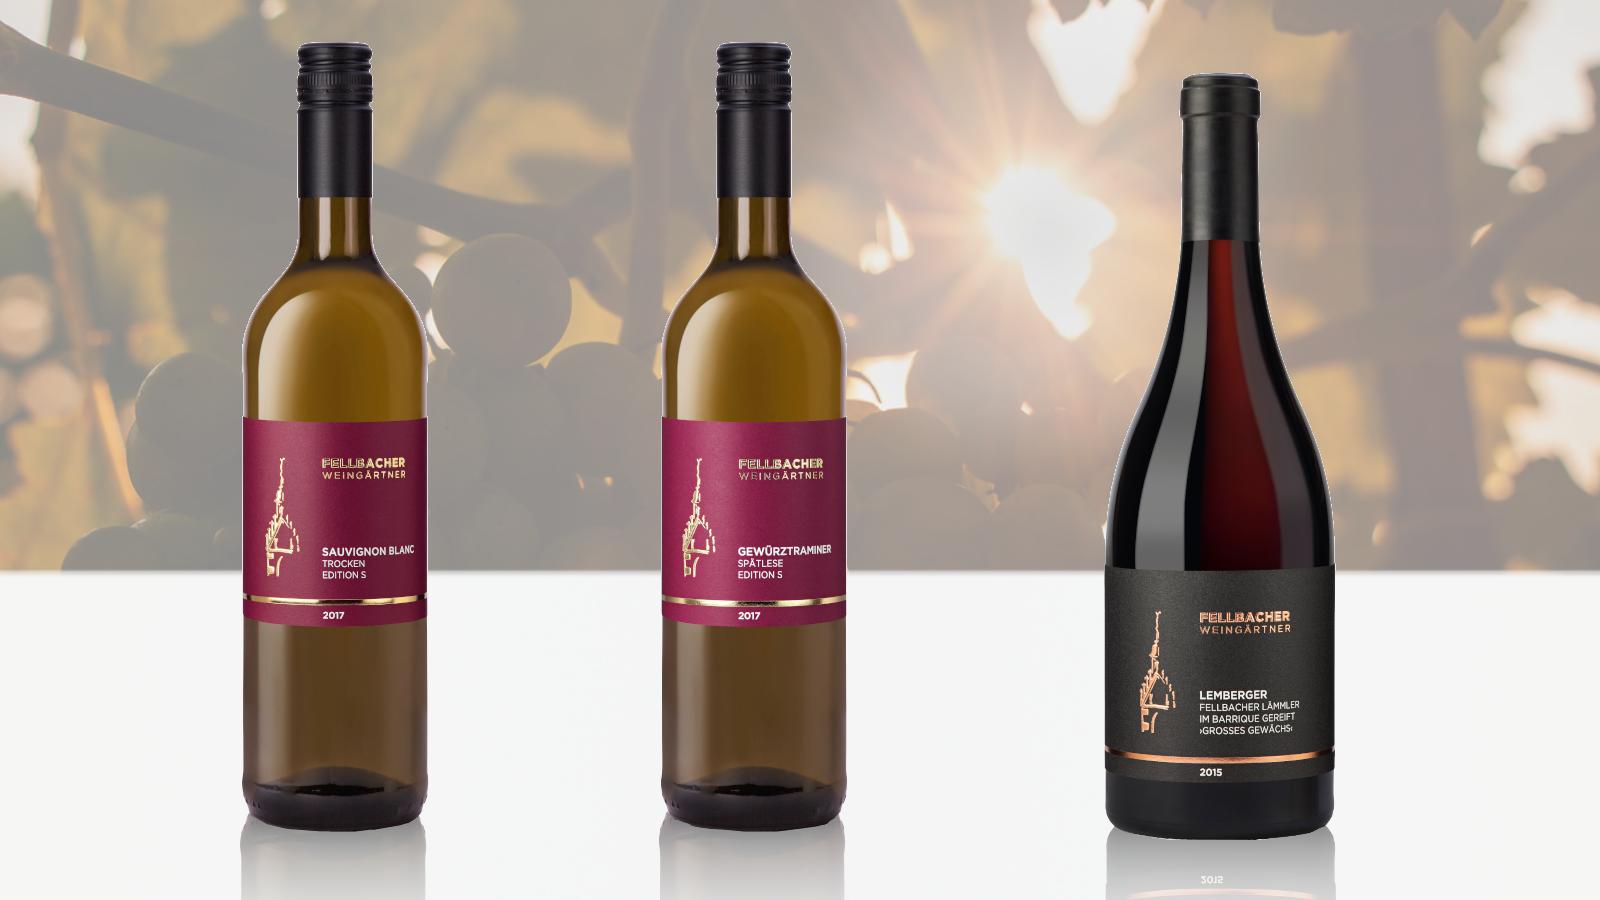 Bild von den drei Gold-Weinen der Fellbacher Weingärtner.